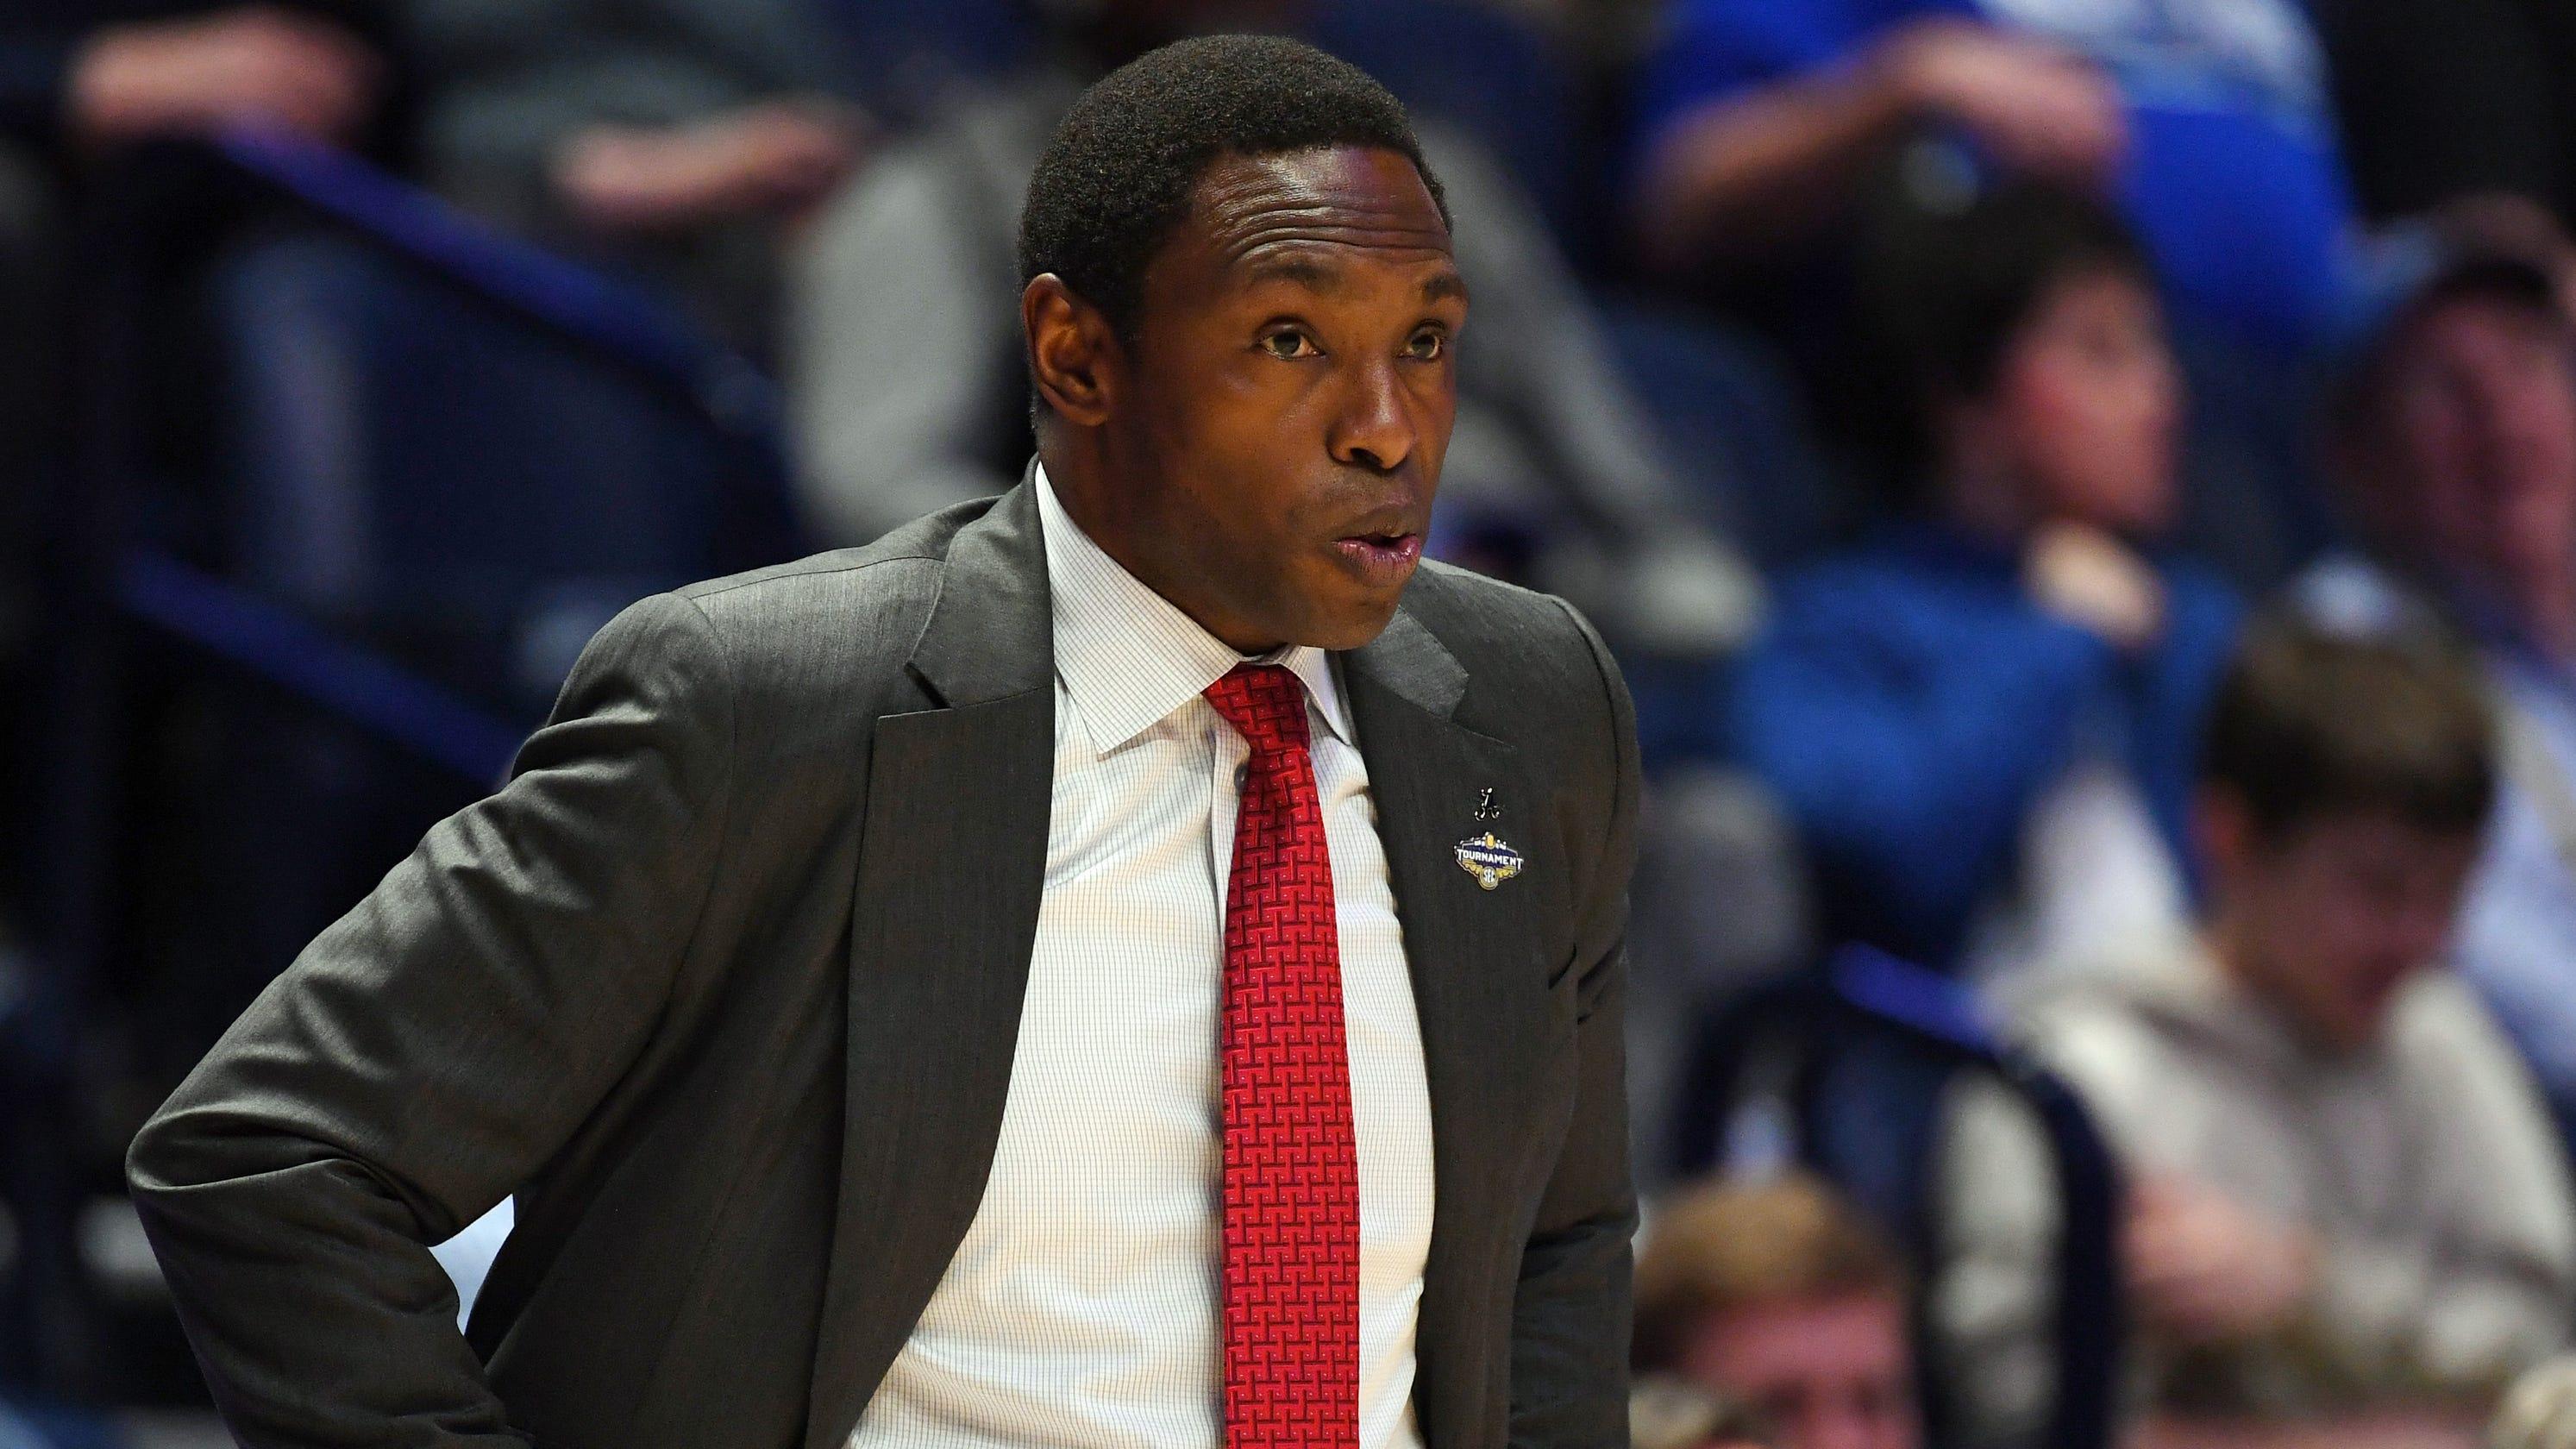 Alabama, basketball coach Avery Johnson mutually part ways after buyout agreement